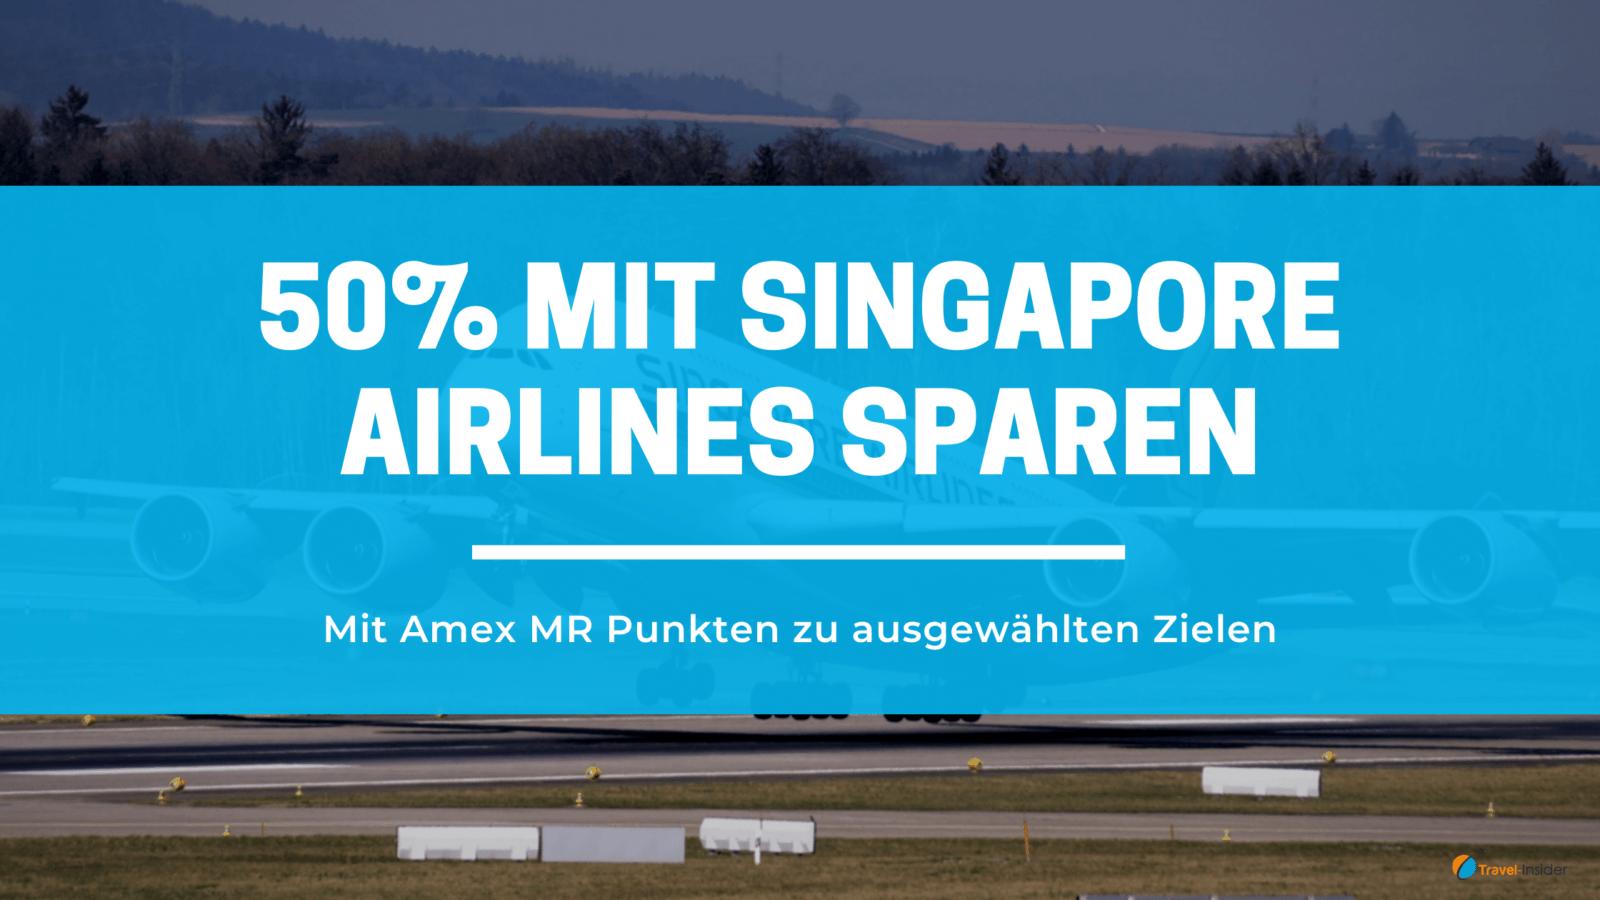 Amex MR Punkte: 50% bei Business Class Flügen mit Singapore Airlines sparen